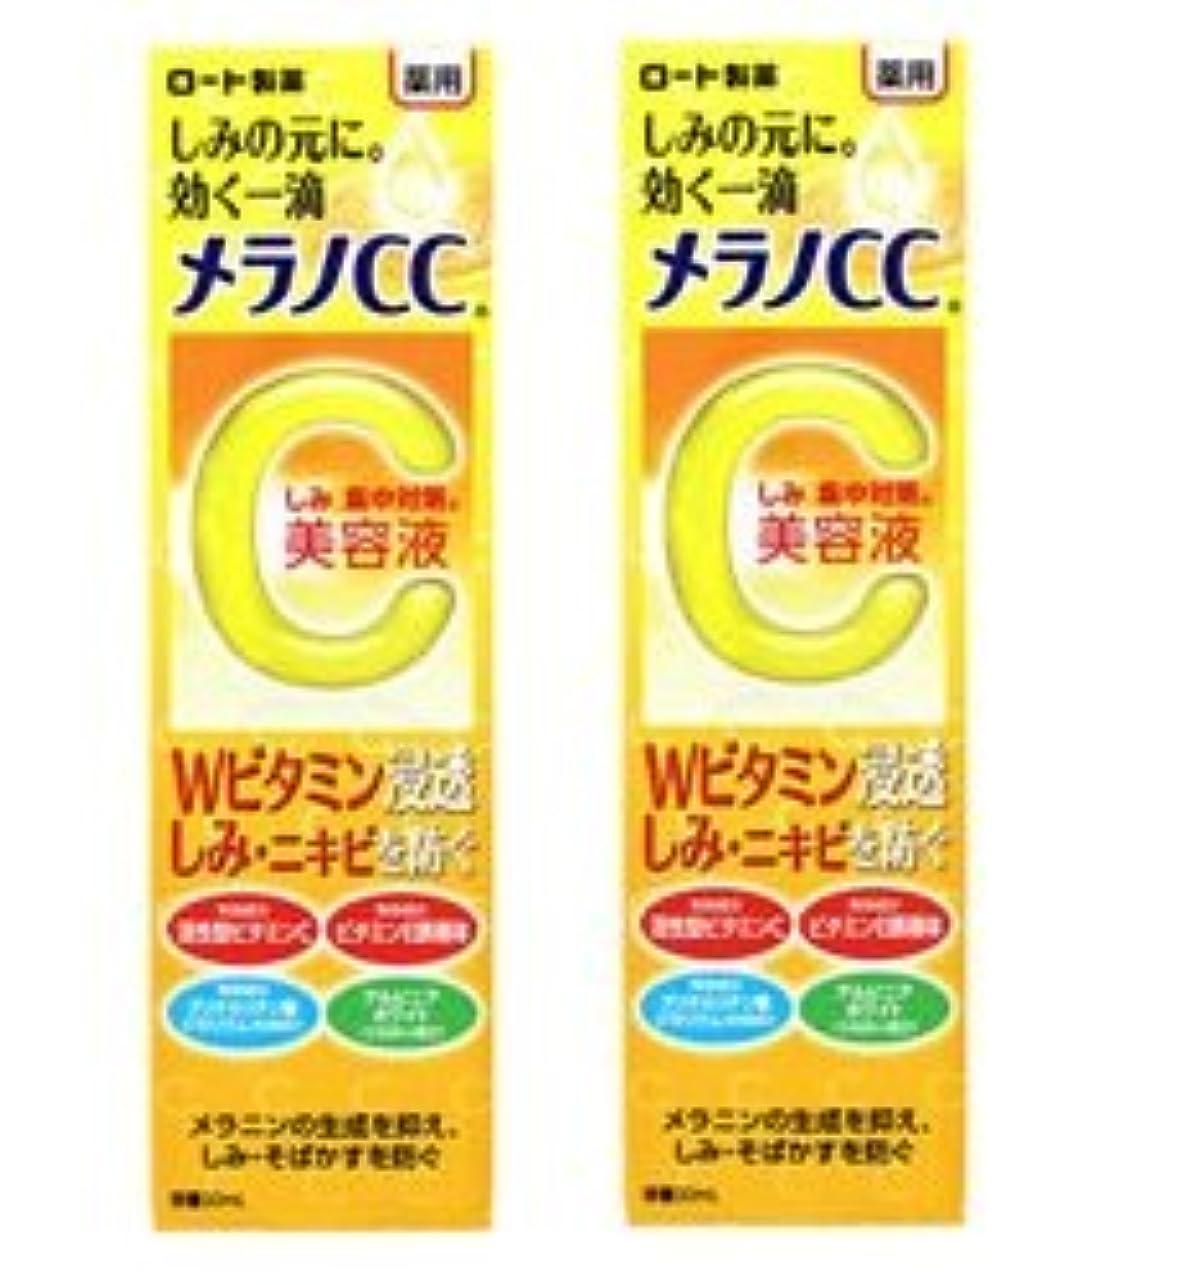 切手帝国主義フェリー【2個セット】メラノCC 薬用しみ集中対策美容液 20ml